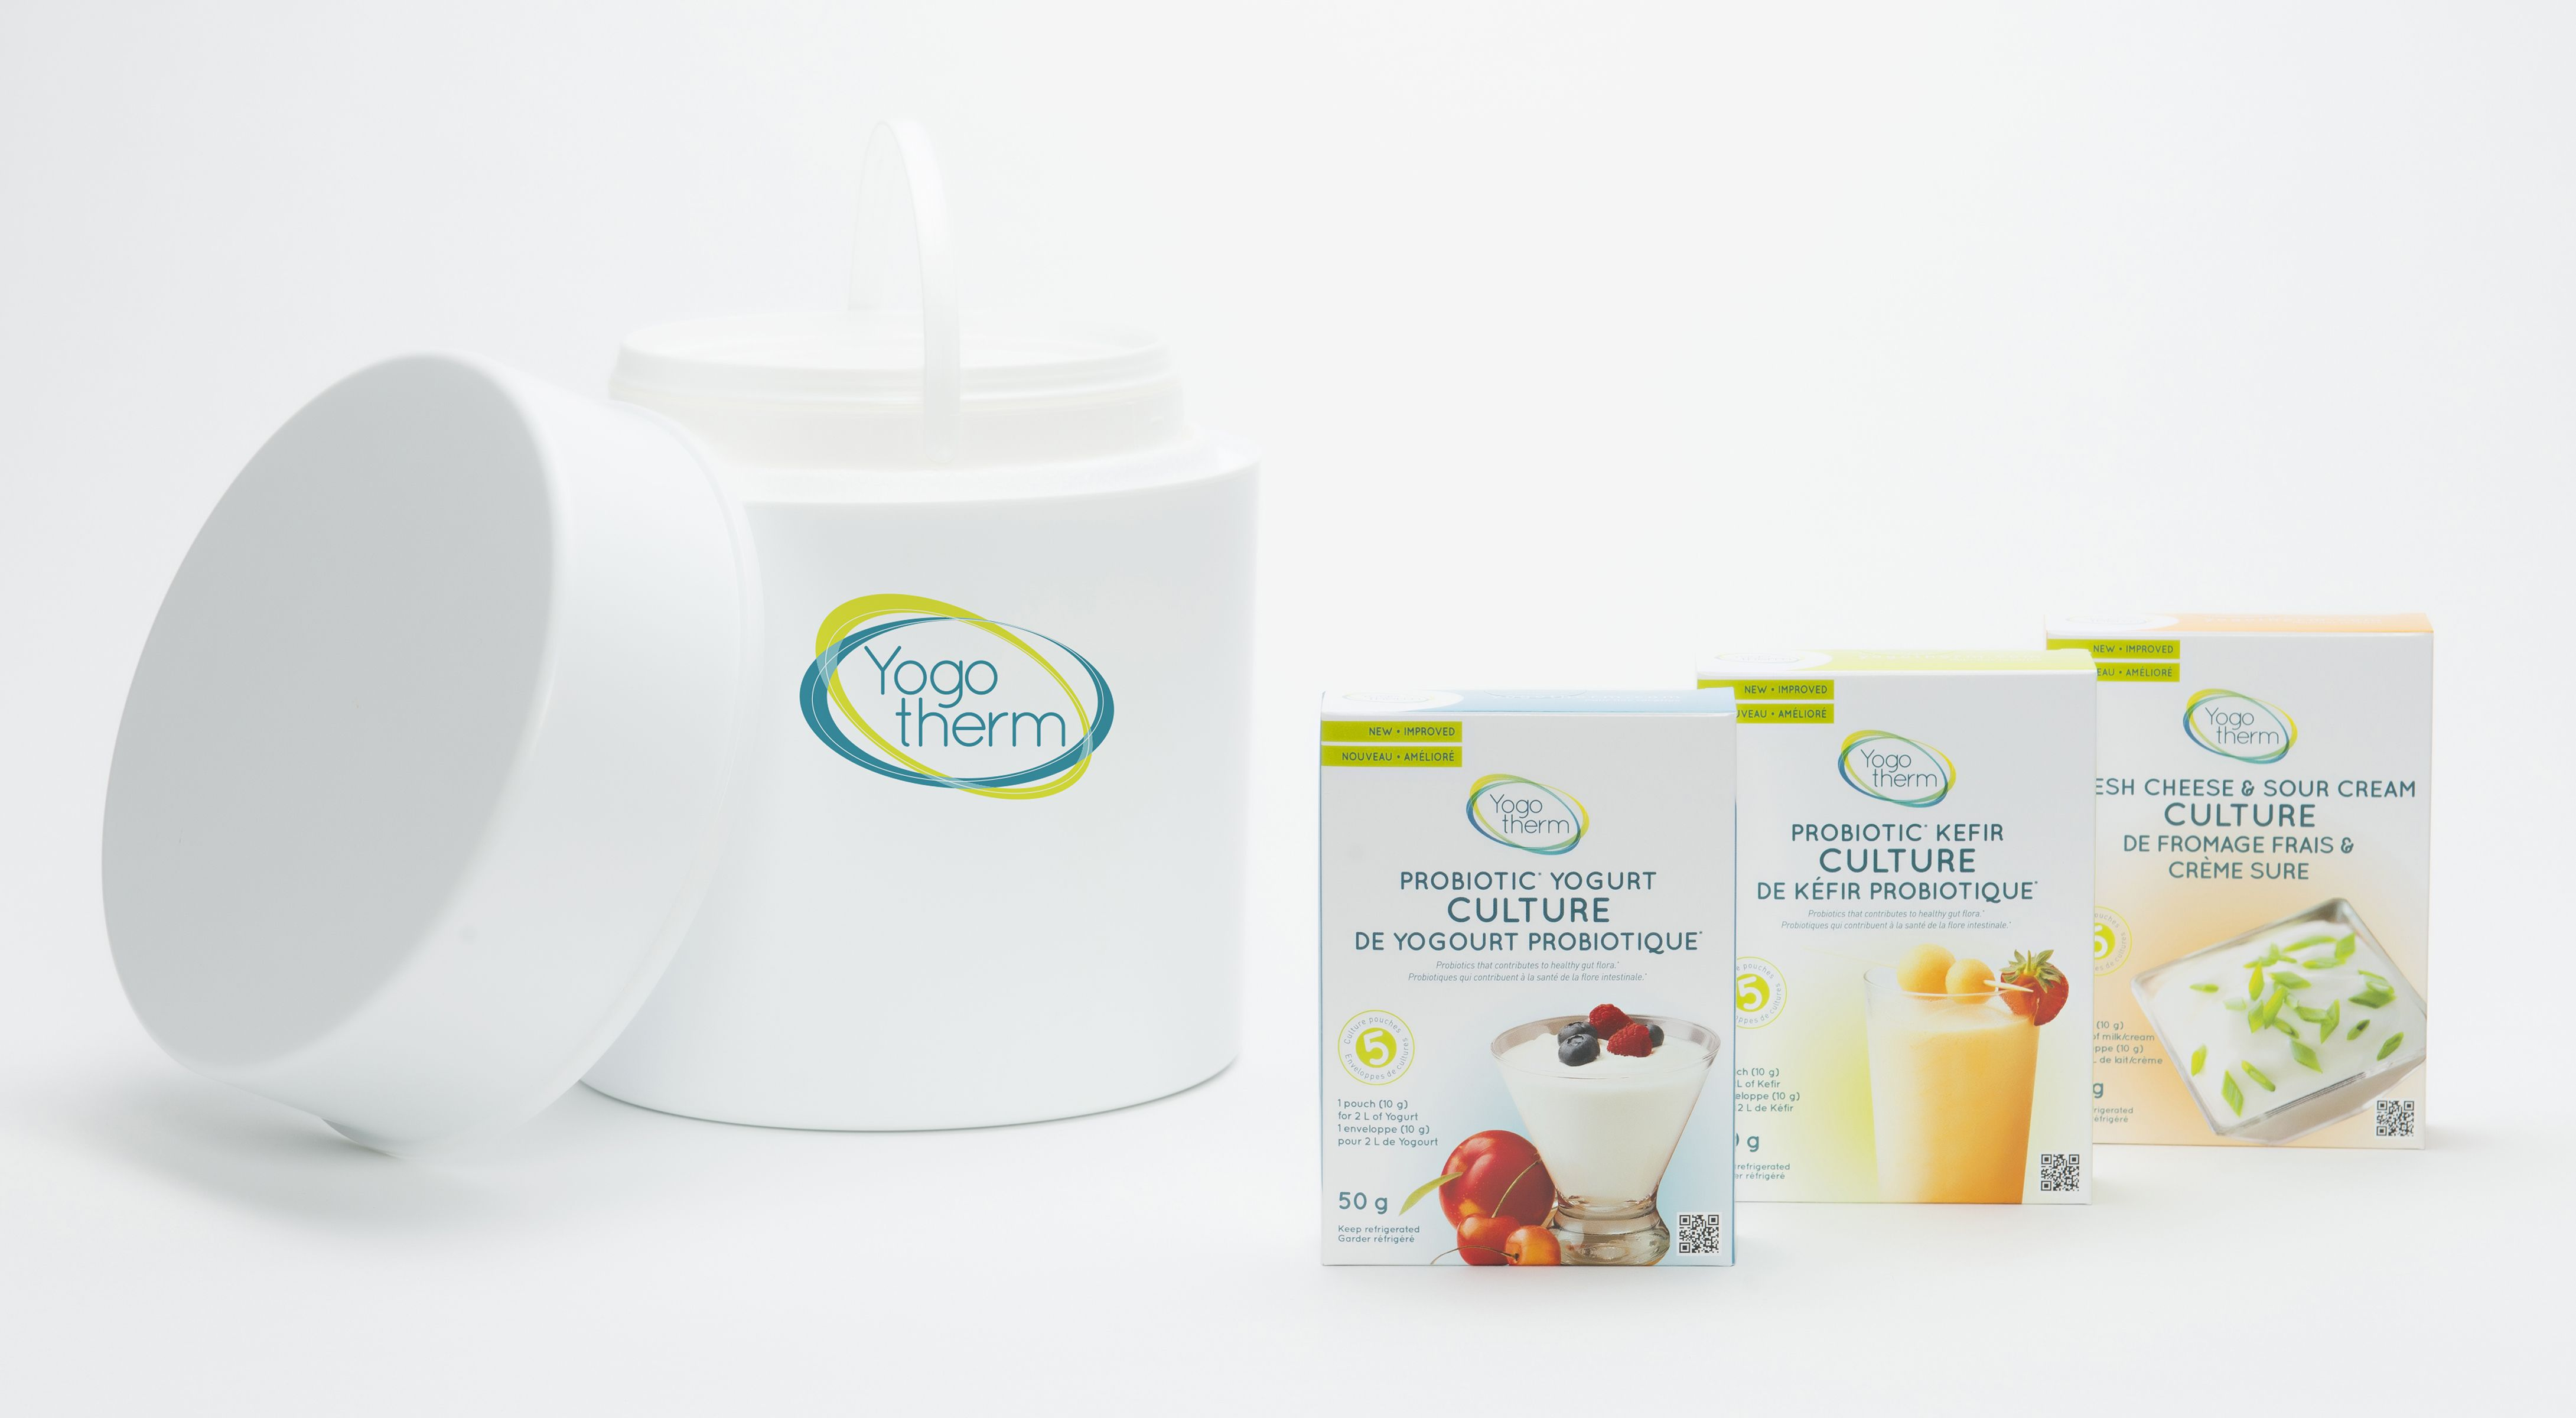 Yogotherm Yogurt Maker 2 QT